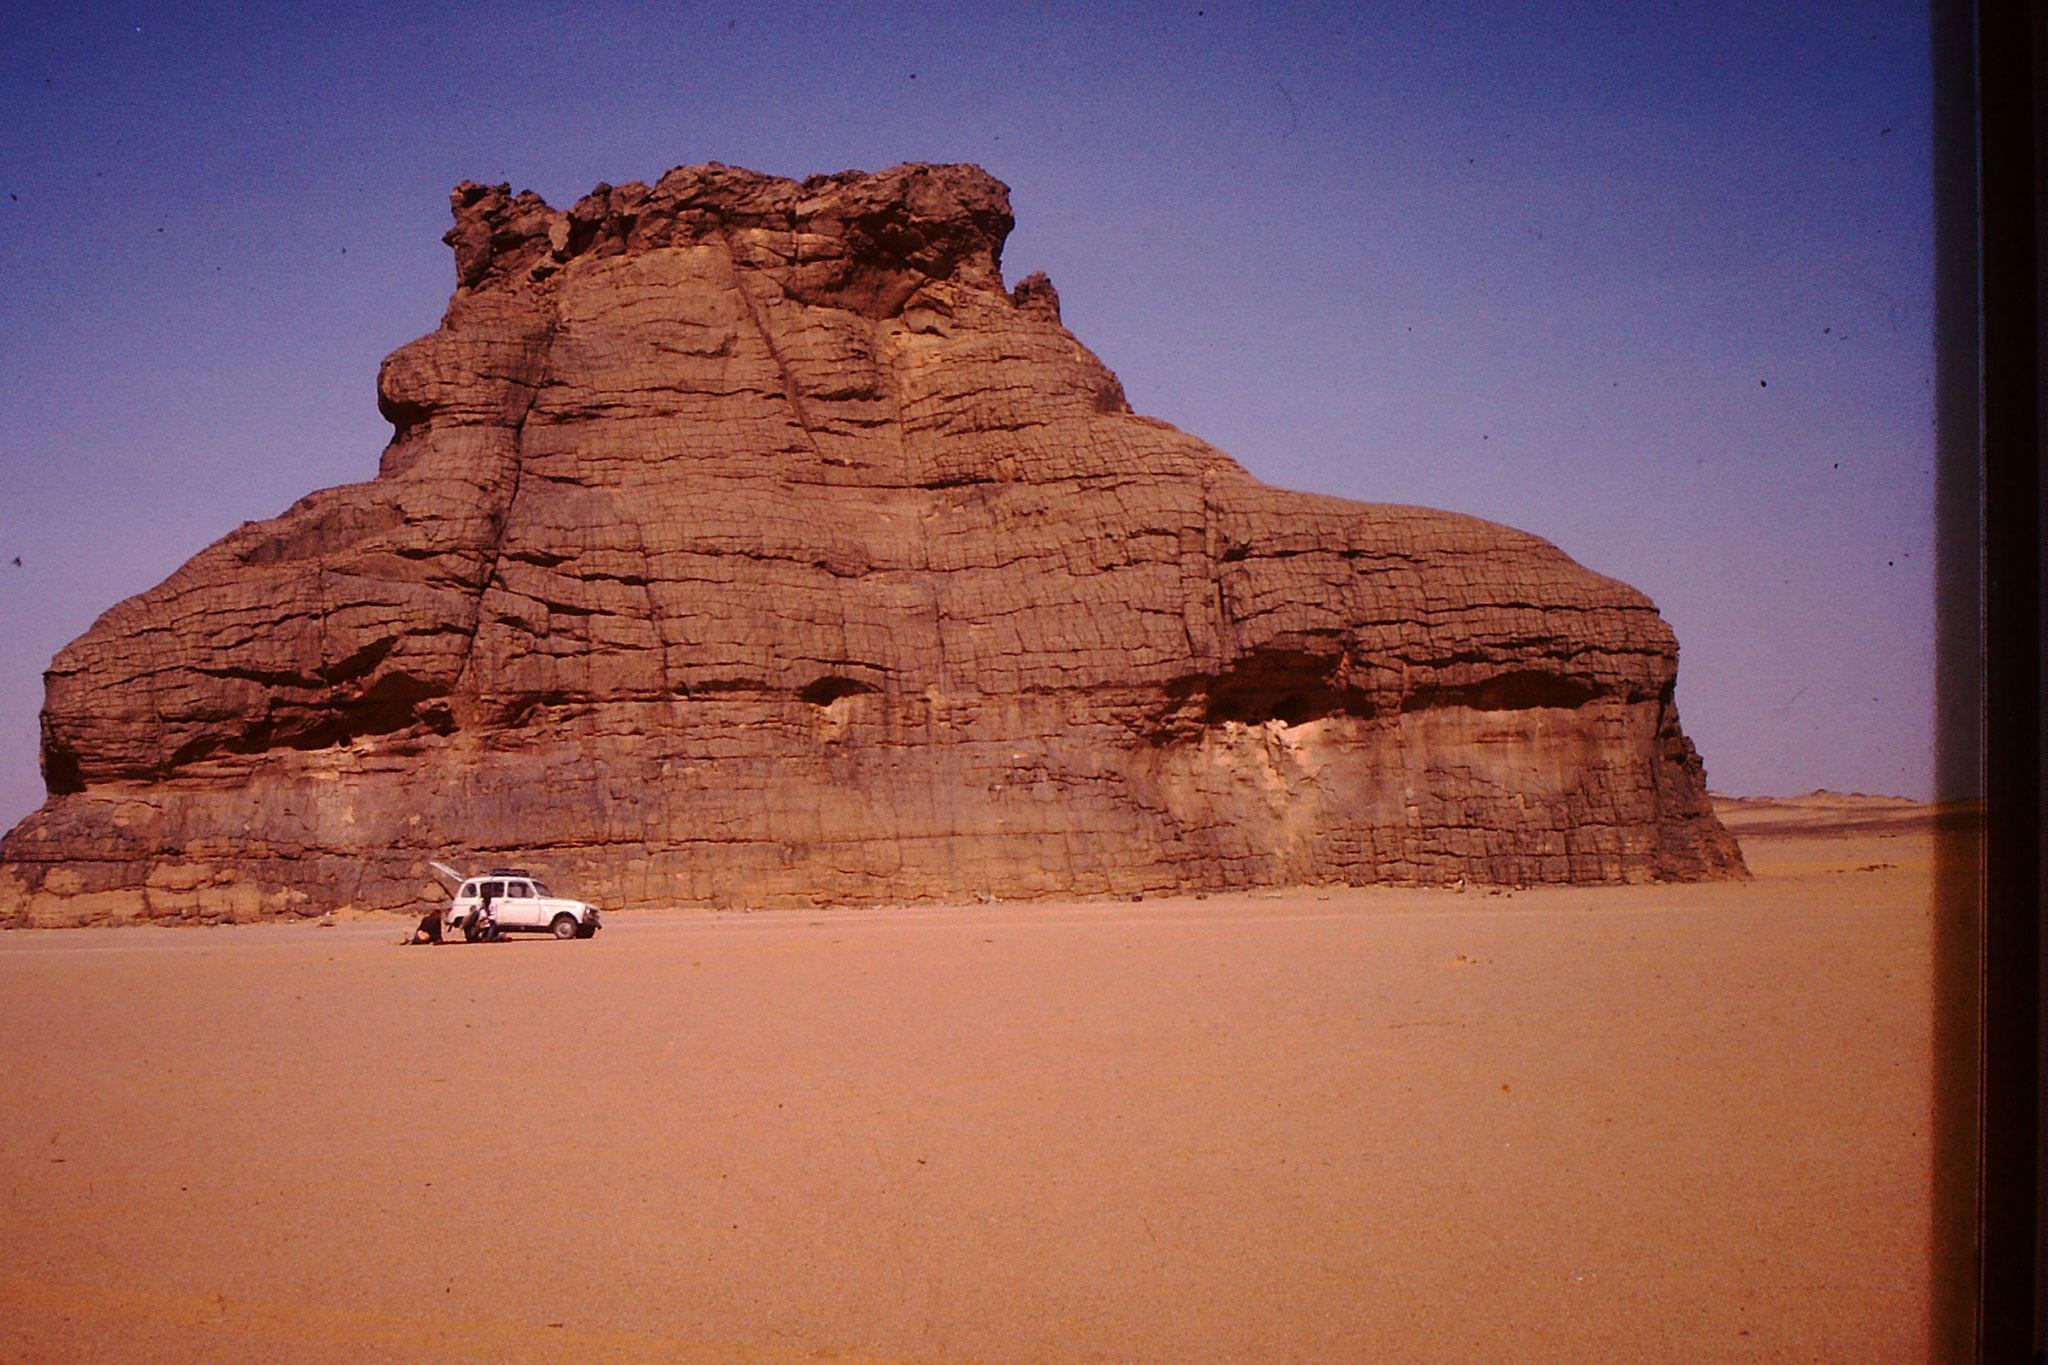 Vor dieser Kulisse des errodierten Felsens hatte ein Schweizer, der mit mir im Konvoi fuhr, an seinem Renault 4 eine Reifenpanne.